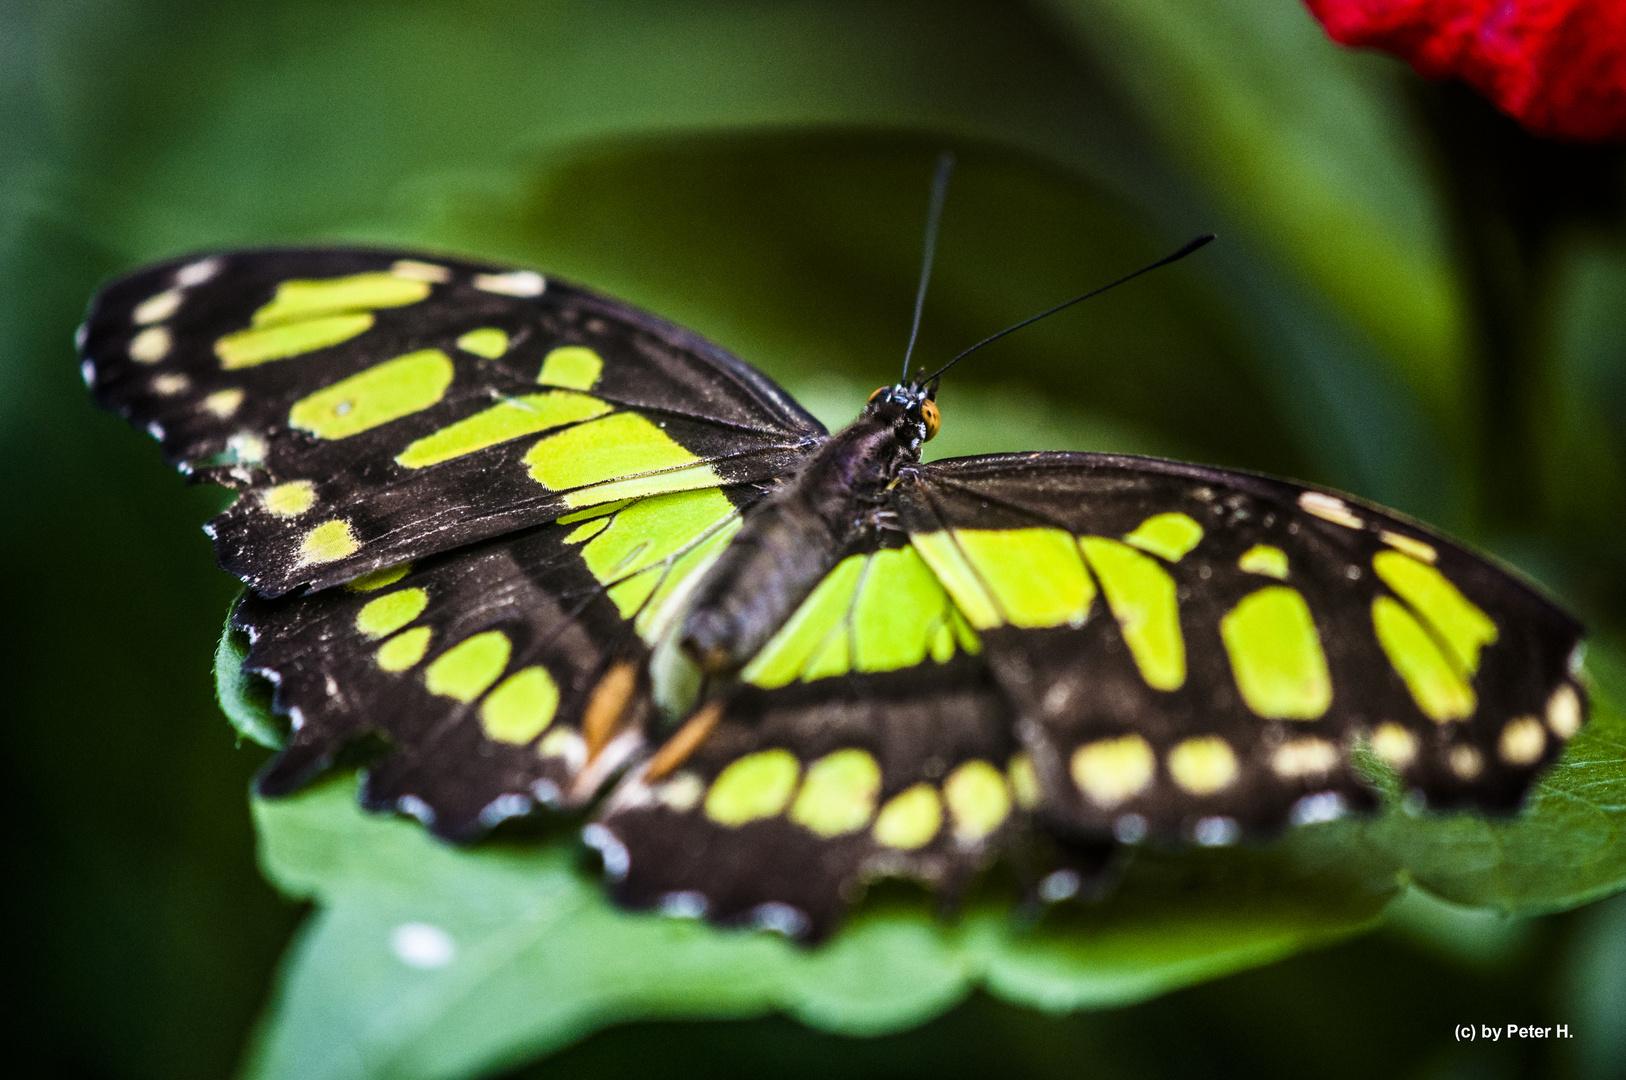 Der schwarz/grüne Schmetterling